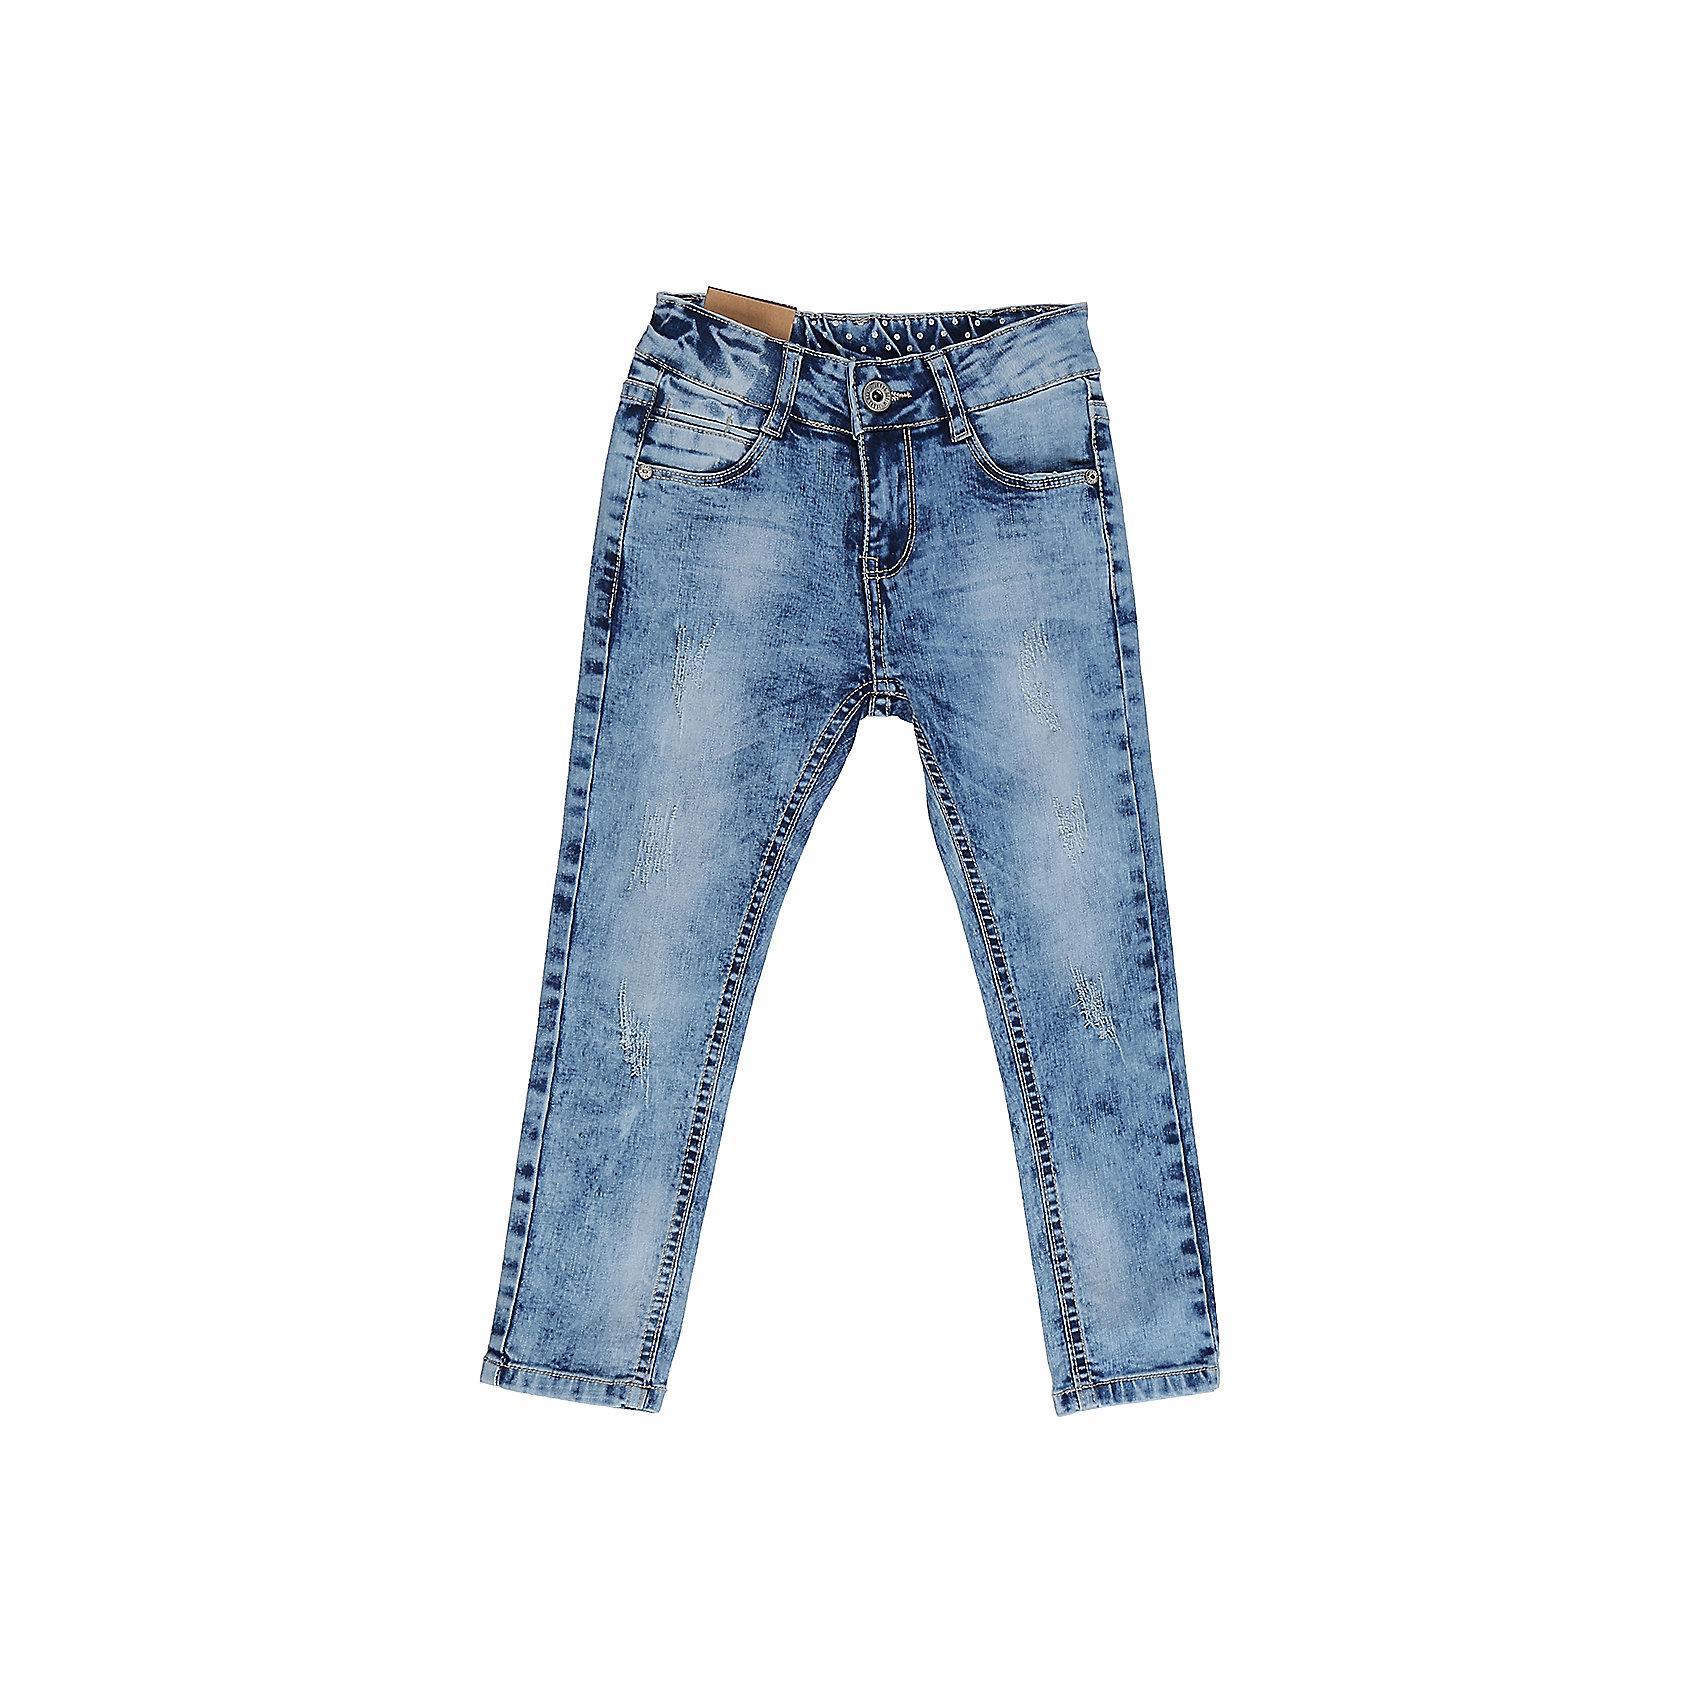 Джинсы для девочки Sweet BerryДжинсы<br>Джинсы  для девочки с оригинальной варкой, эффектами потертости и рваной джинсы. Имеют зауженный крой, среднюю посадку. Застегиваются на молнию и пуговицу. Шлевки на поясе рассчитаны под ремень. В боковой части пояса находятся вшитые эластичные ленты, регулирующие посадку по талии.<br>Состав:<br>98%хлопок 2%эластан<br><br>Ширина мм: 215<br>Глубина мм: 88<br>Высота мм: 191<br>Вес г: 336<br>Цвет: голубой<br>Возраст от месяцев: 36<br>Возраст до месяцев: 48<br>Пол: Женский<br>Возраст: Детский<br>Размер: 104,98,110,116,122,128<br>SKU: 5411904